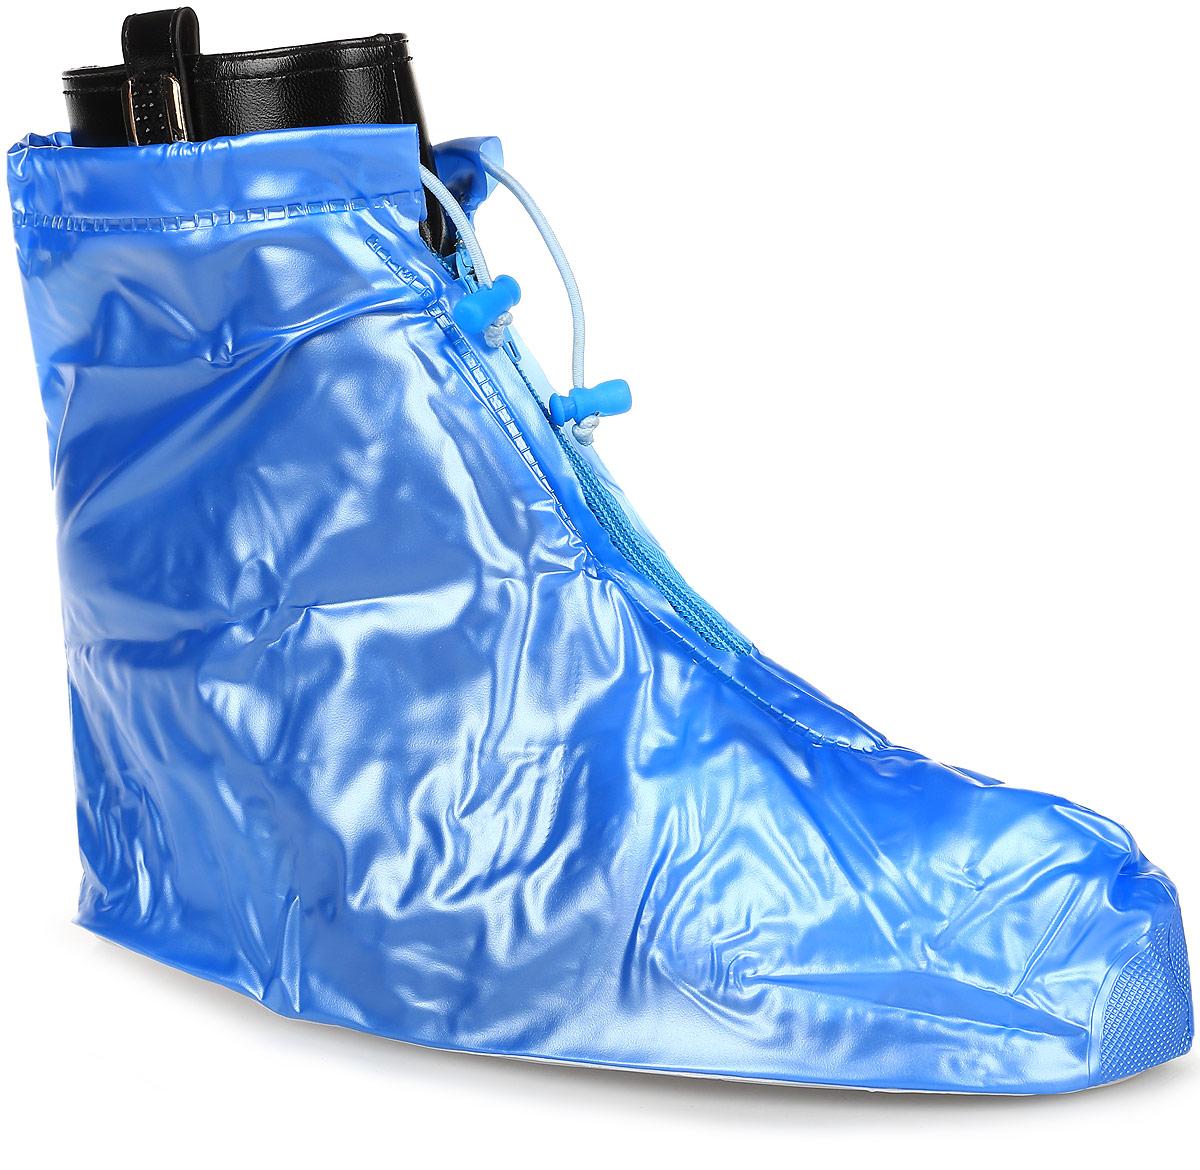 Дождевик для обуви Homsu, на молнии, цвет: голубой. Размер L (39/41)R-119Дождевик Homsu выполнен из прочного водонепроницаемого материала и предназначен для защиты обуви от воды и грязи. Застегивается изделие на застежку-молнию, расположенную спереди. Верхняя часть изделия регулируется в объеме за счет эластичного шнурка со стопперами. Благодаря дождевику ваша обувь будет сухой и чистой в любую погоду! Комплектация: 1 пара.